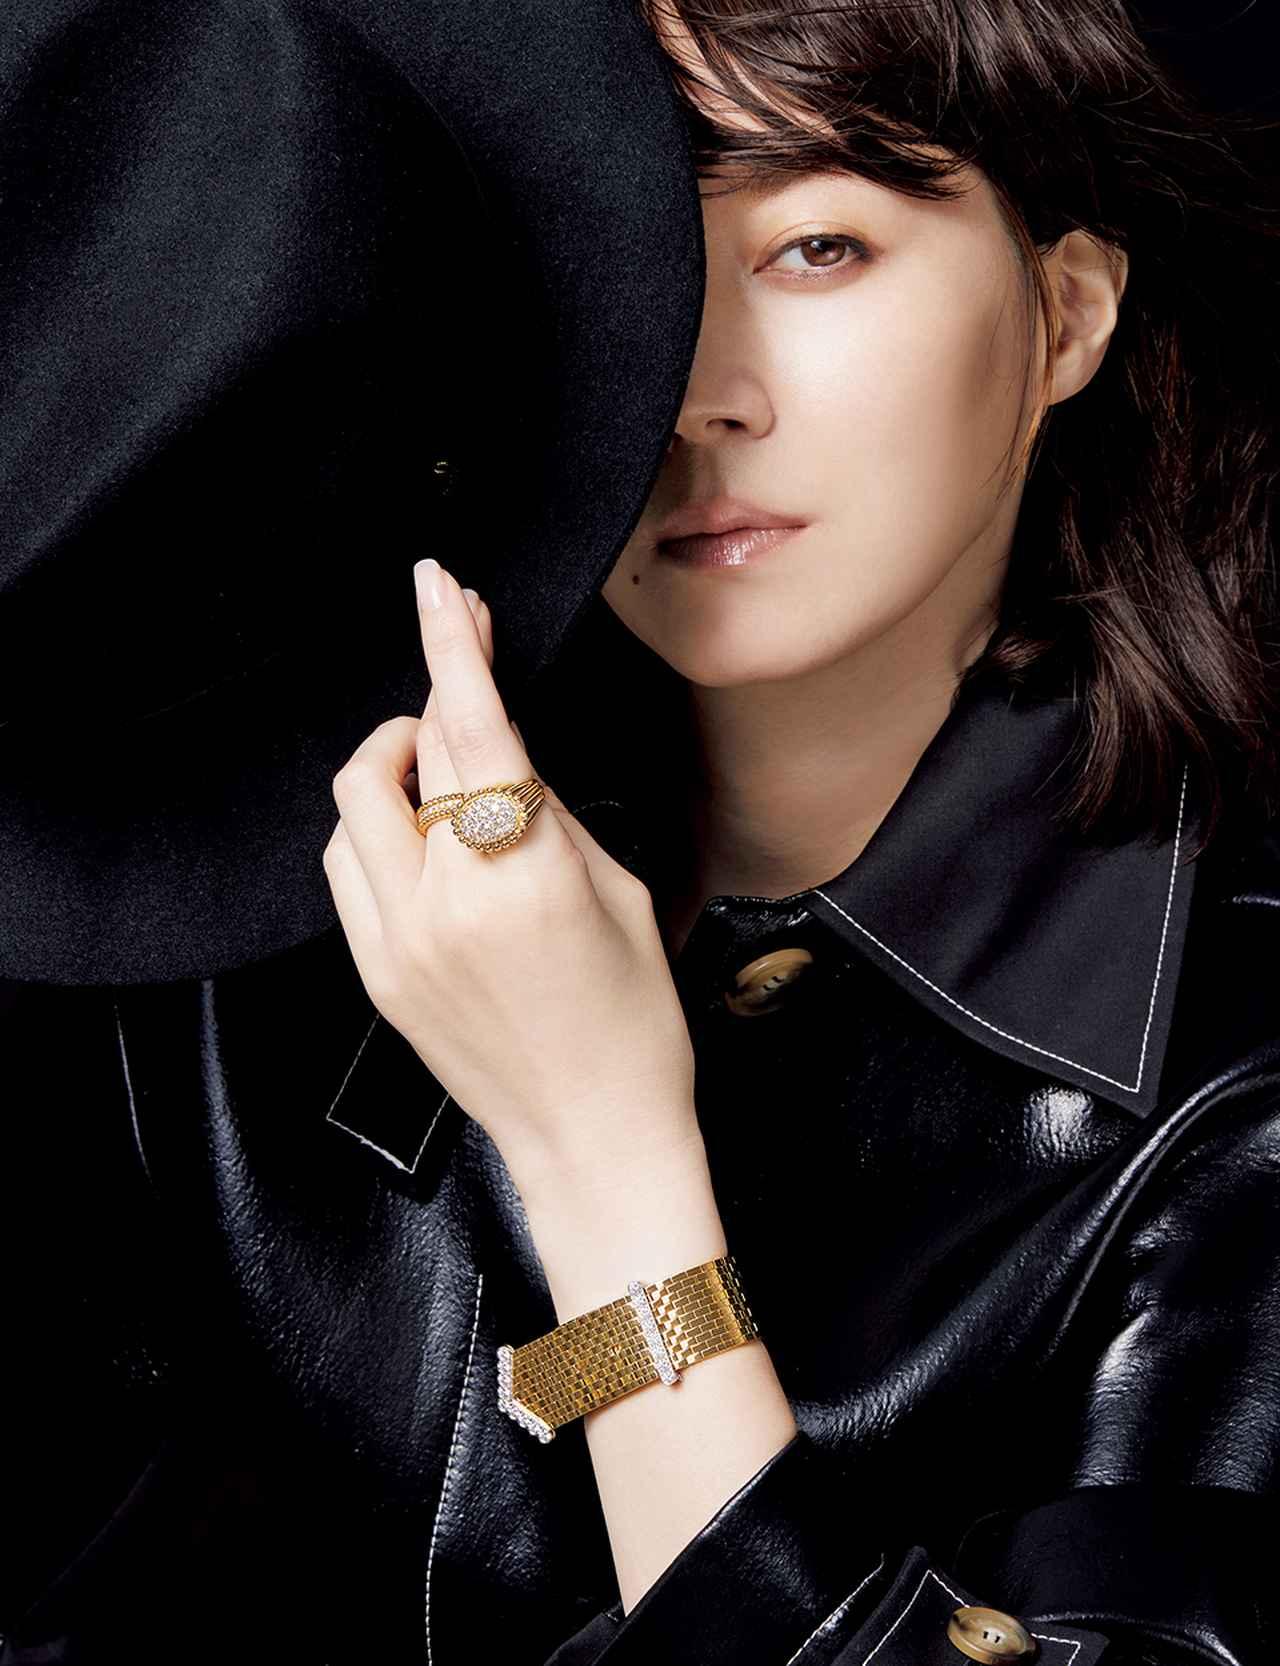 Images : 6番目の画像 - 「凰稀かなめ、奇跡の煌めき」のアルバム - T JAPAN:The New York Times Style Magazine 公式サイト